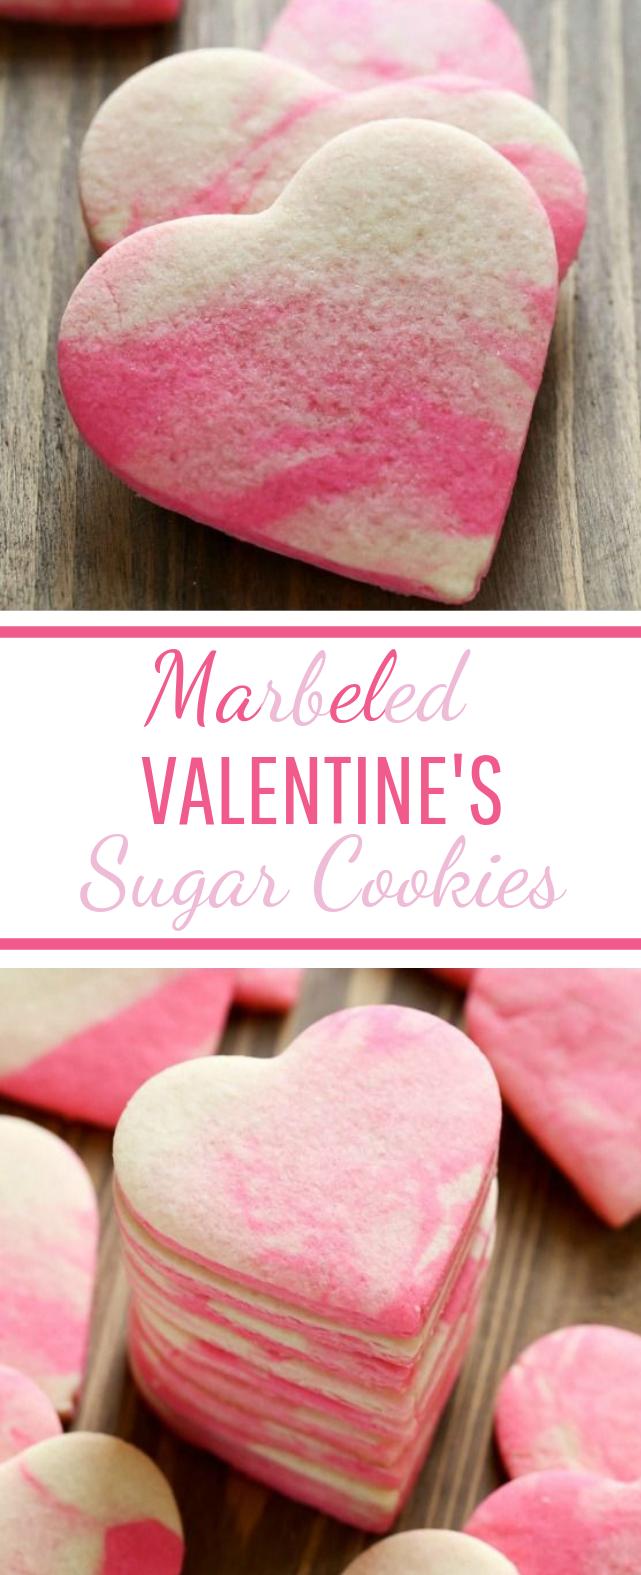 Marbled Valentine Sugar Cookies #dessert #cookies